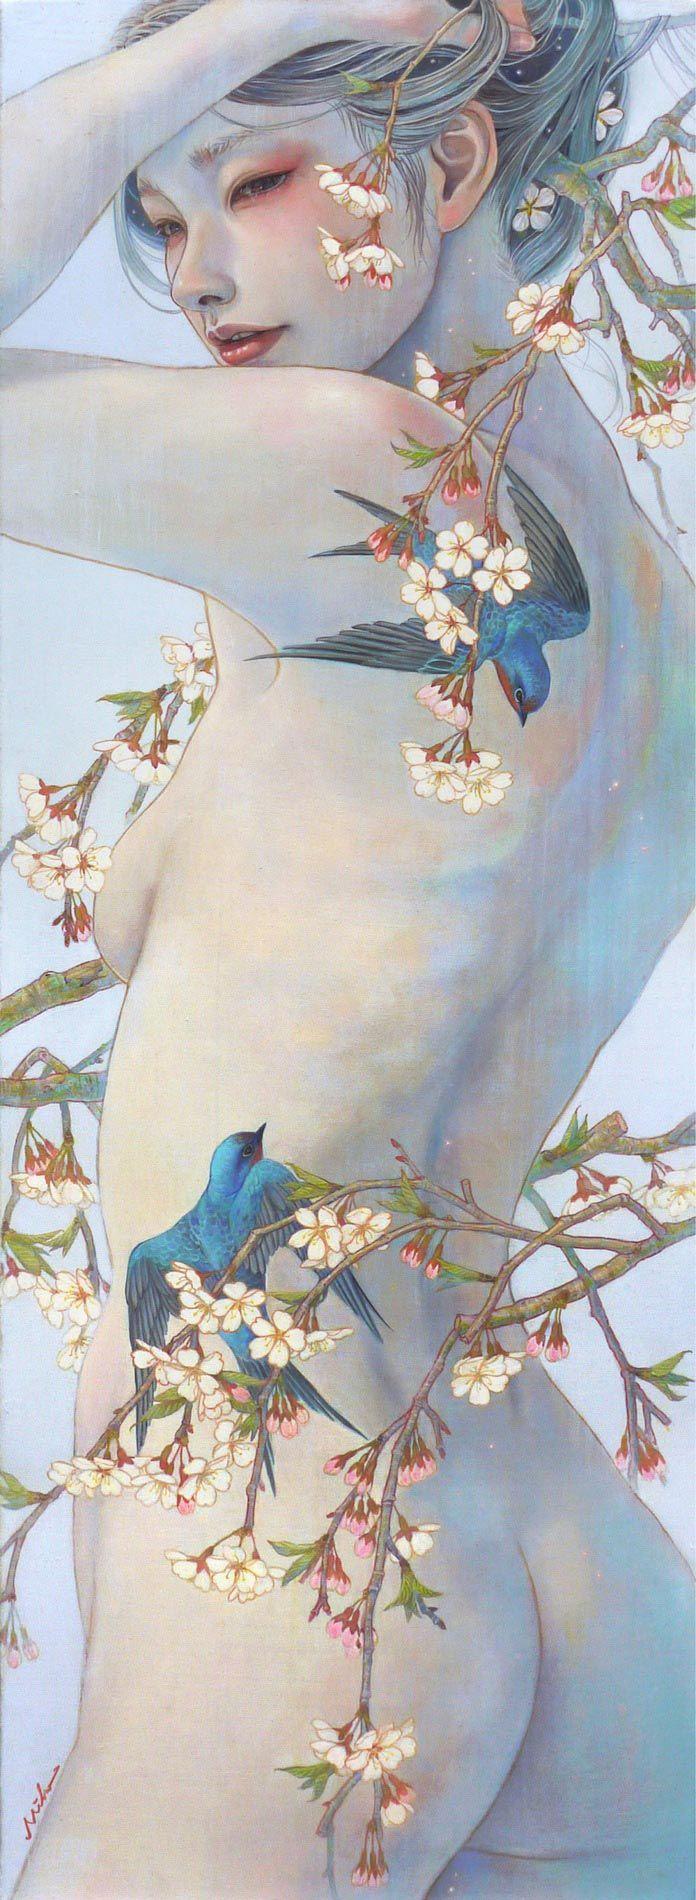 Exposer la sensualité féminine, de nombreux artistes offrent leur talent à cet art délicat. L'artiste japonaise Miho Hirano a ainsi voué sa vie et l'ensemble de son œuvre à représenter des personnages féminins qui évoluent en fusion avec les éléments de la nature. Regard sur ce travail de qualité.   Miho Hirano a obtenu son diplôme d'art à l'Université d'Art Musashino près de Tokyo, en 2008. Sa carrière professionnelle s'est rapidement envolée quand elle a dévoilé cett...